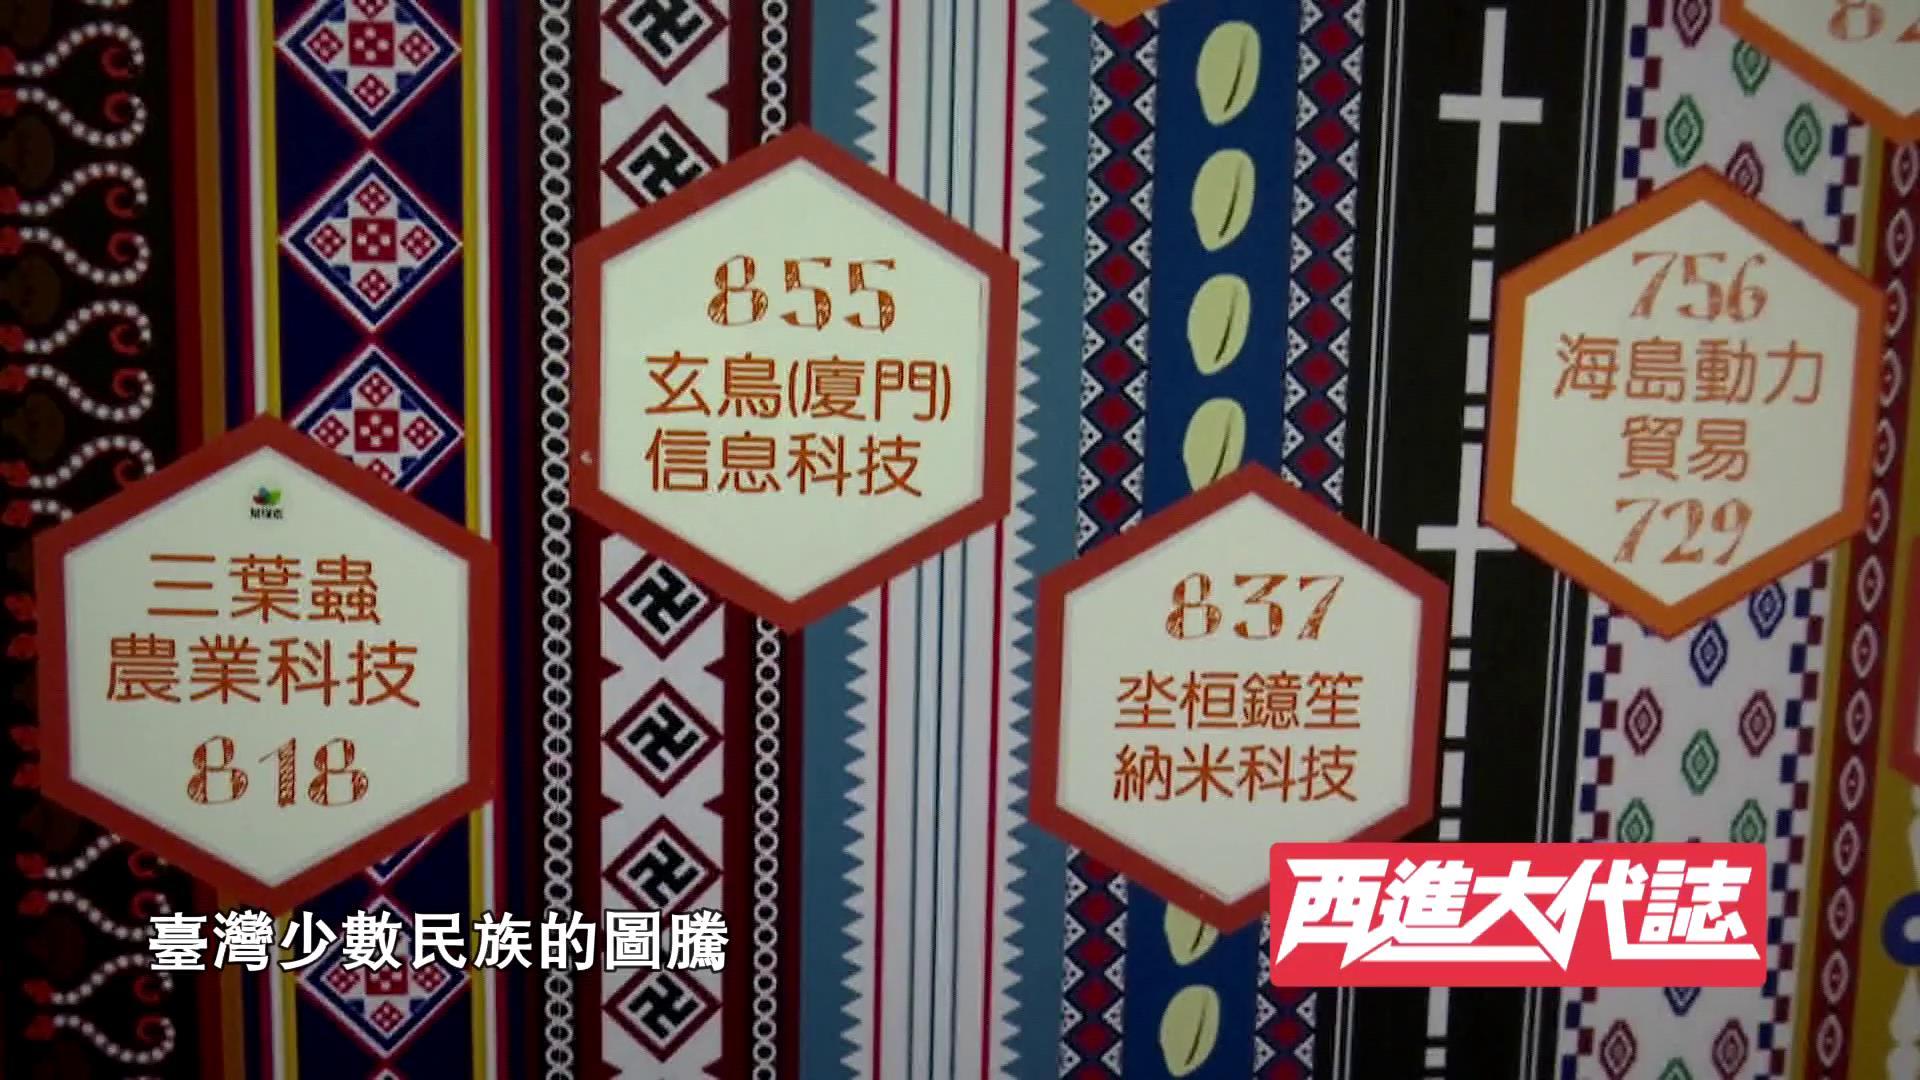 【西进大代志】创业达人 范姜峰图片